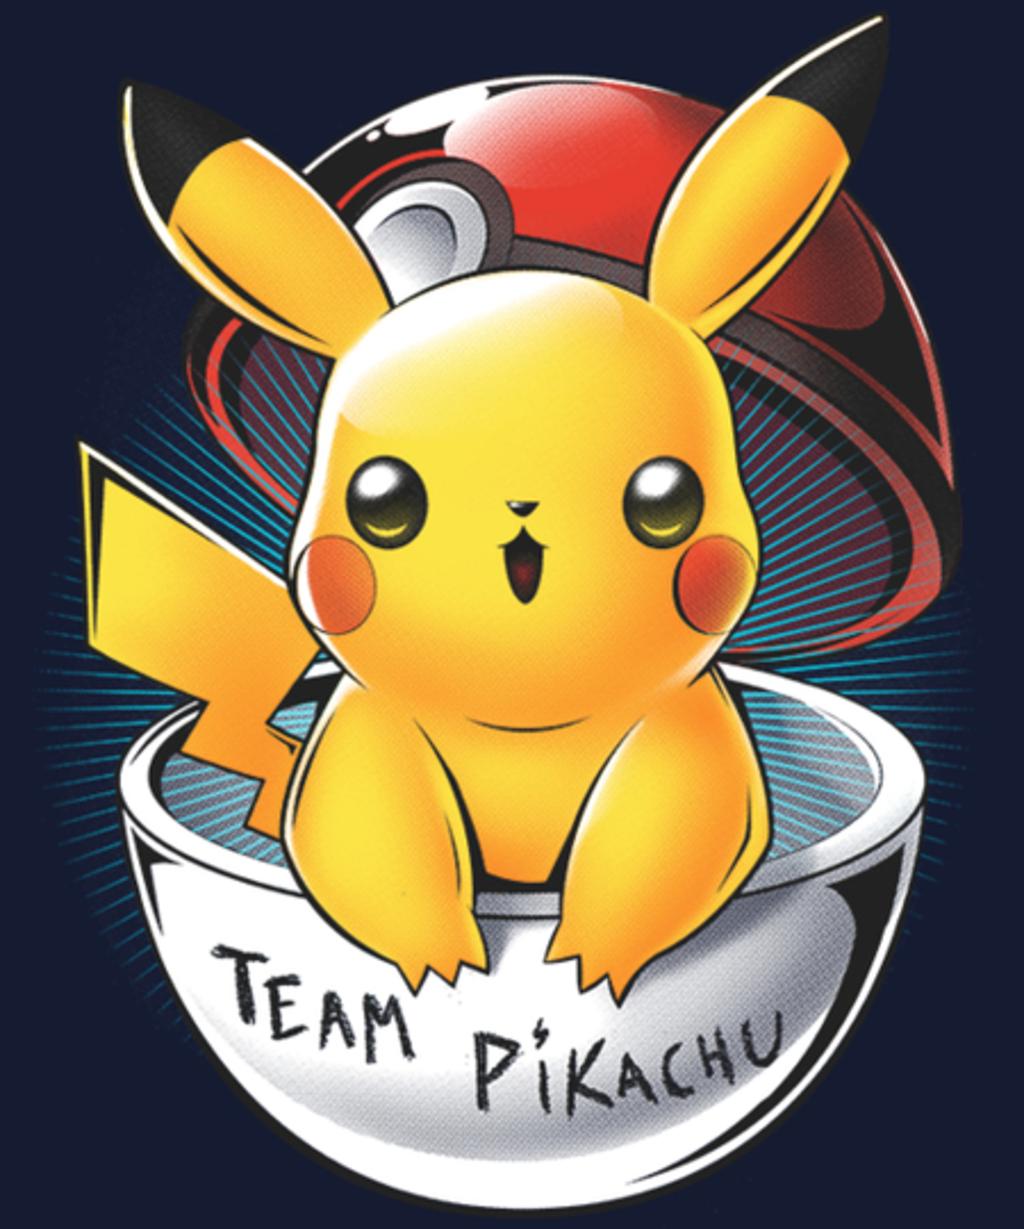 Qwertee: Team Pikachu